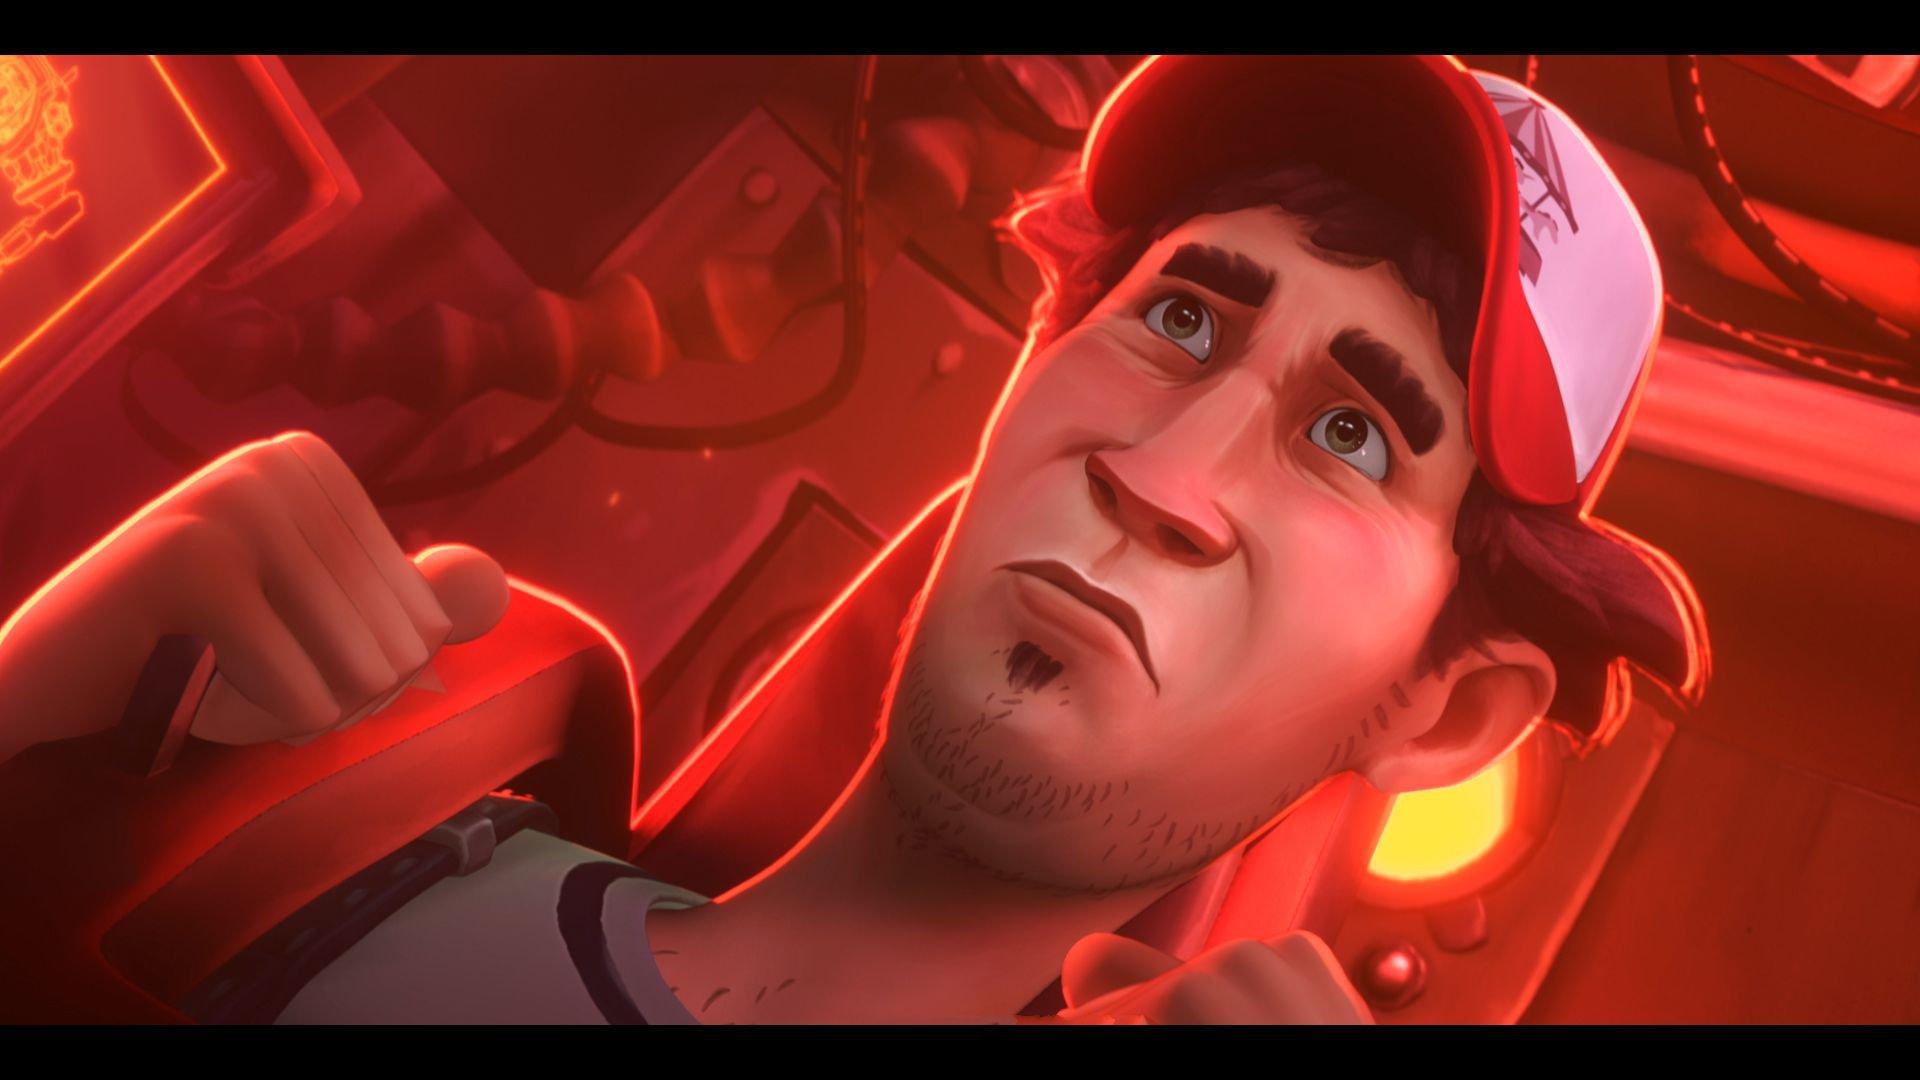 动画电影分镜头|三维动画|动漫